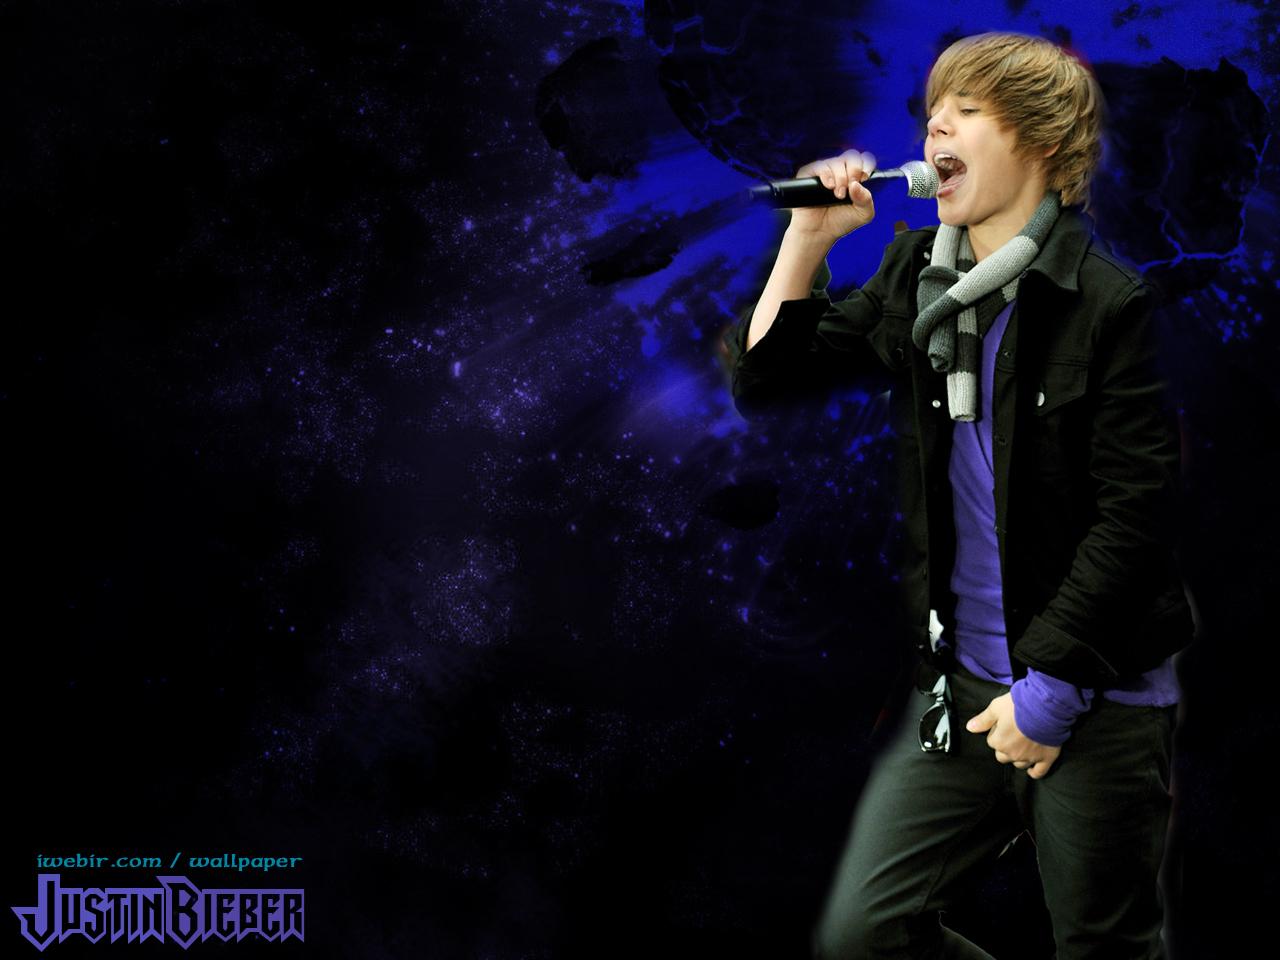 http://3.bp.blogspot.com/_Iq1fkO6qus0/TUSv7UhDhSI/AAAAAAAAAqE/-dhegC78ThM/s1600/Justin-Bieber-Hot-Wallpaper_14120112.jpg